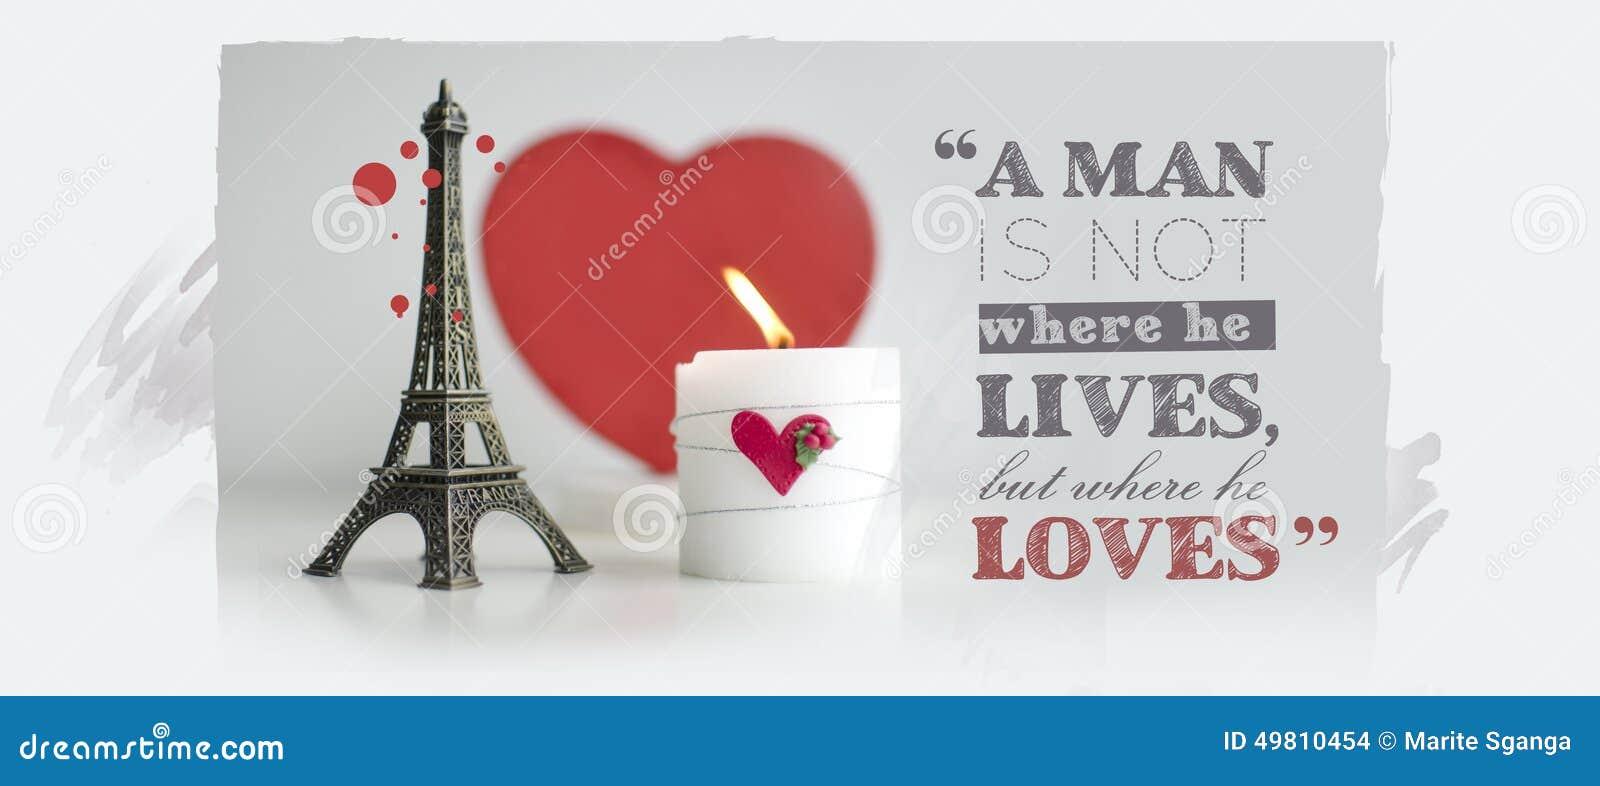 Zitate Valentinstag - Vorlagen